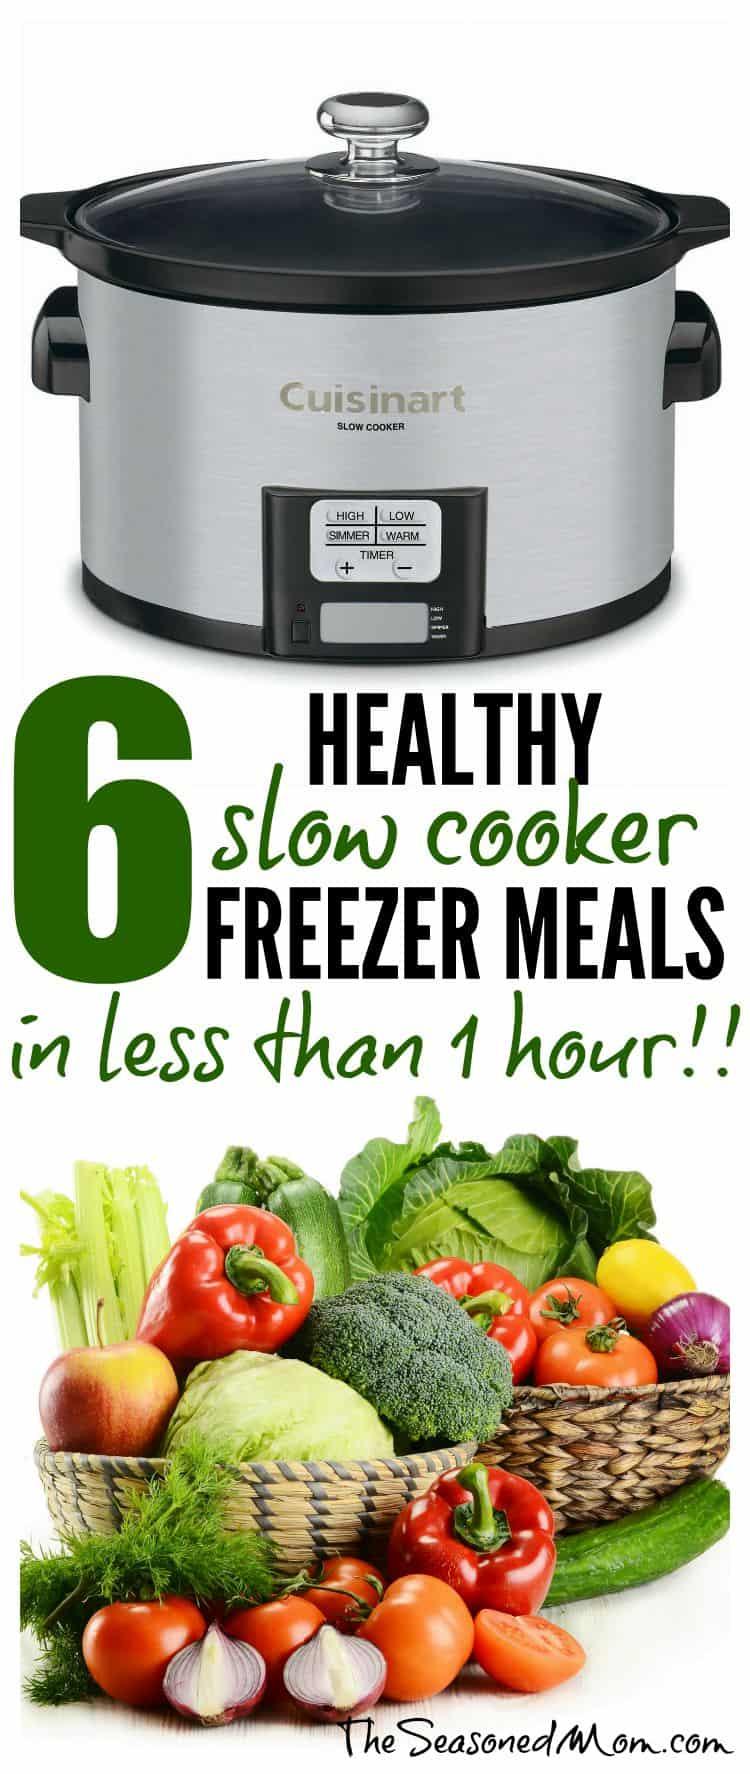 Healthy Slow Cooker Freezer Meals